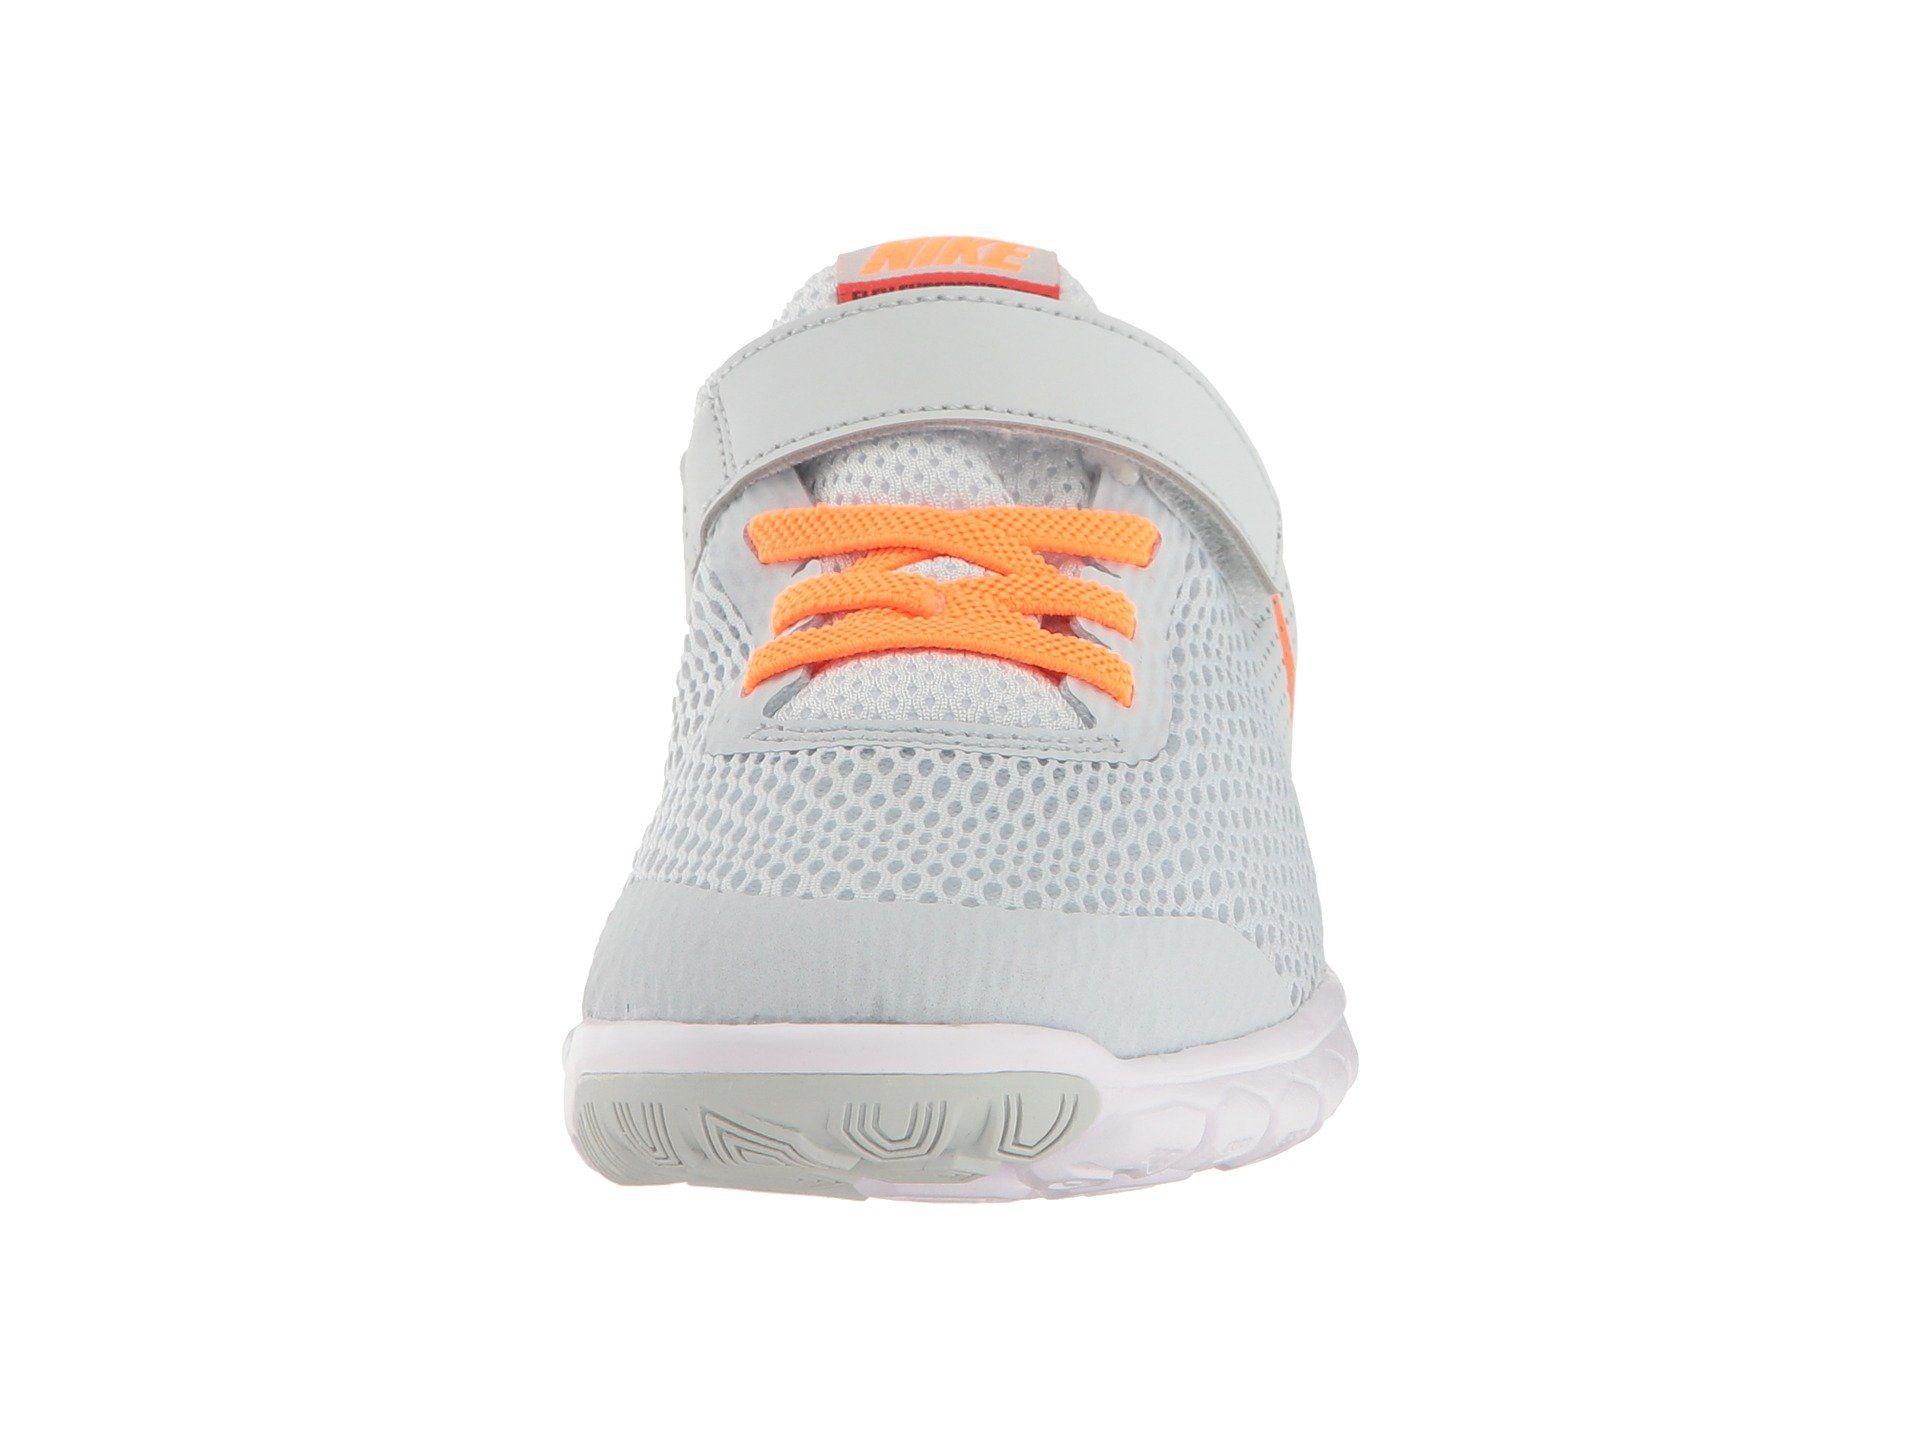 Nike Kids Footwear Clearance Sale Online